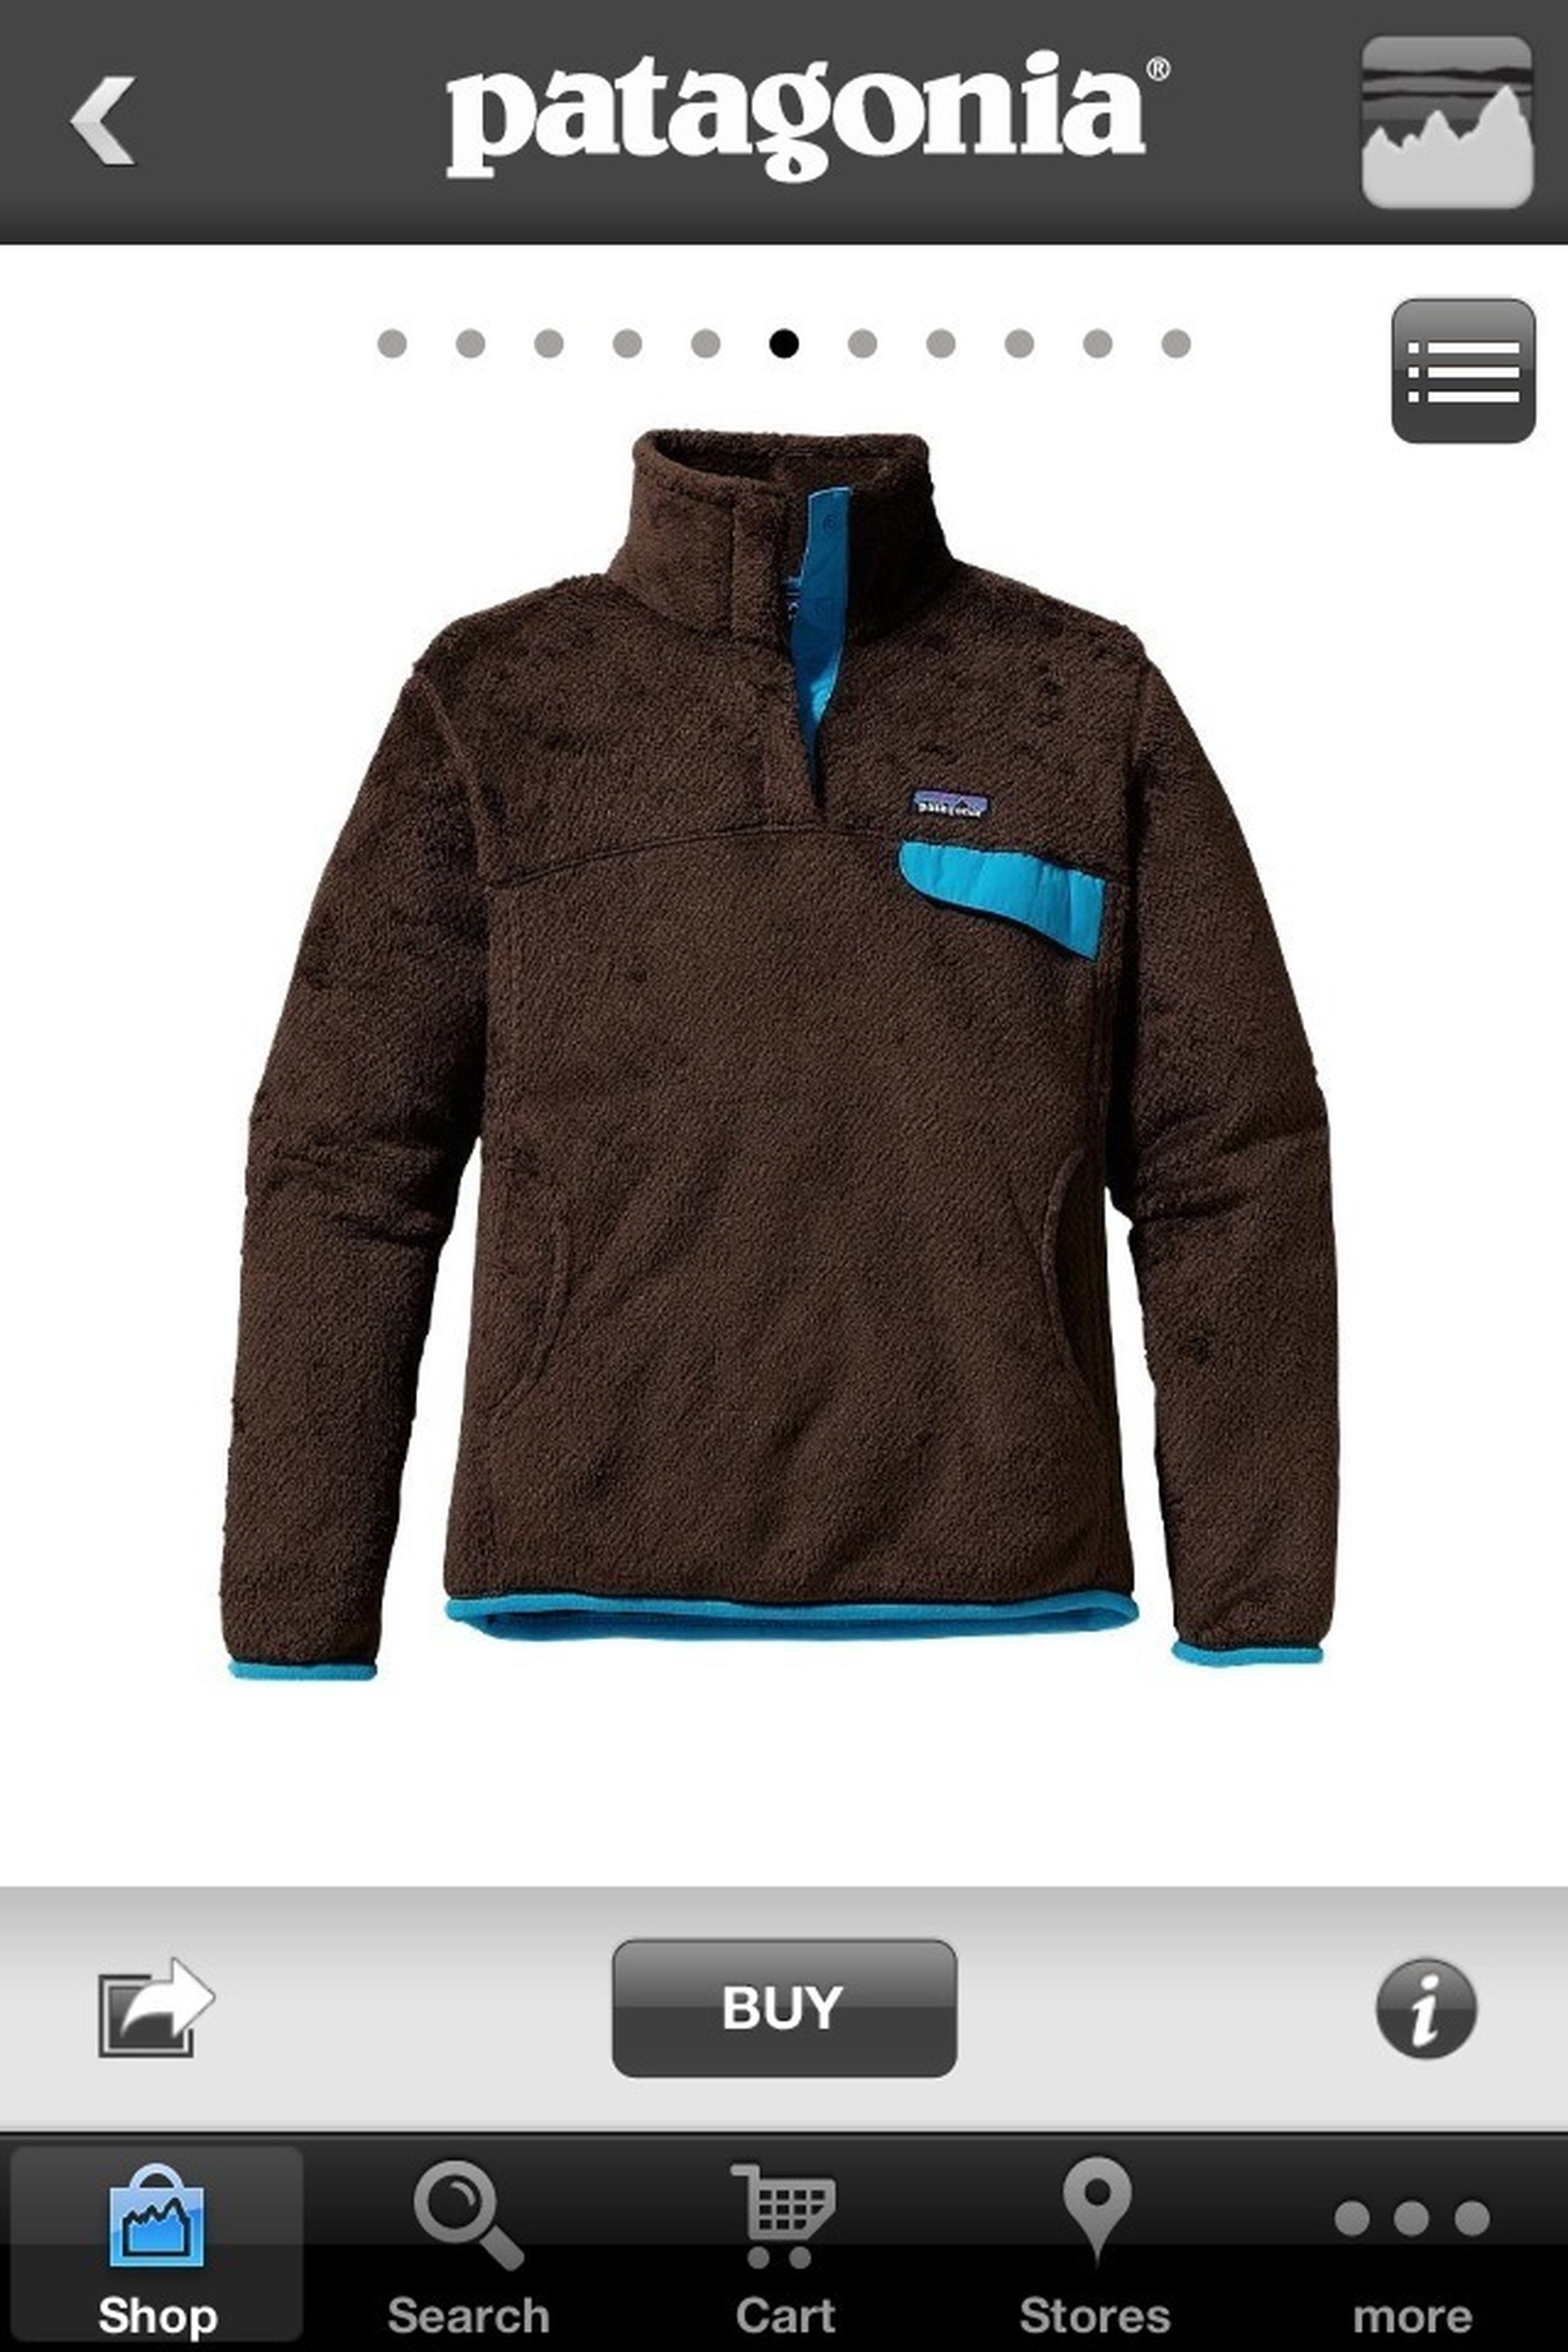 I Want This Jacket Soo Bad!